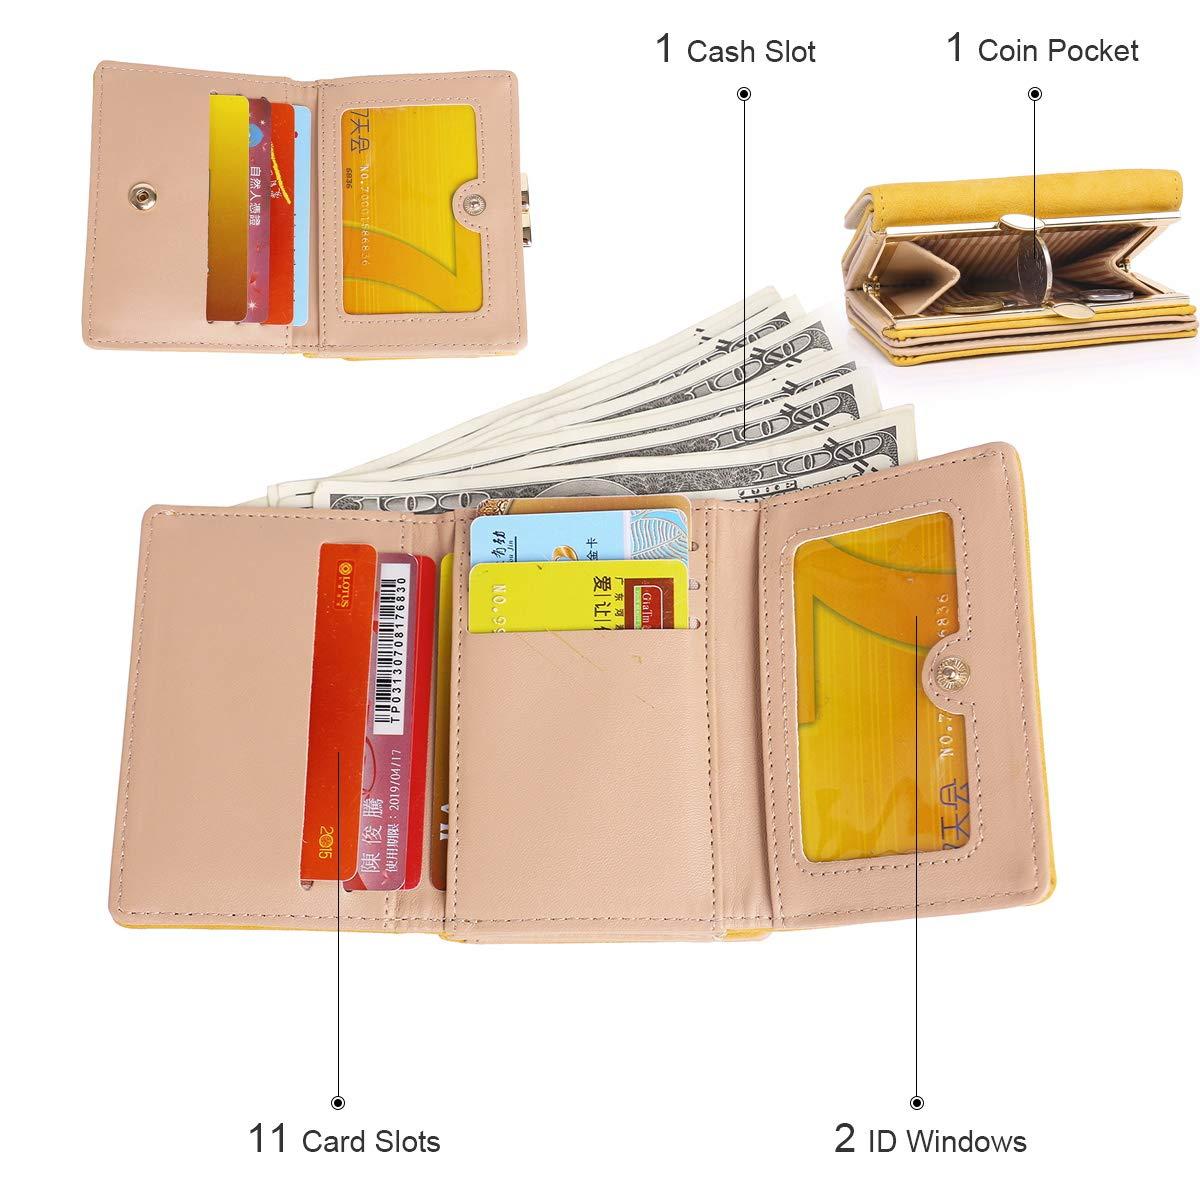 10 Fentes pour Cartes Portefeuille femme fille petit portefeuille parapluie d/écoration portefeuille /él/égant en cuir souple portefeuille souple en cuir souple protection RFID portefeuille pour enfants